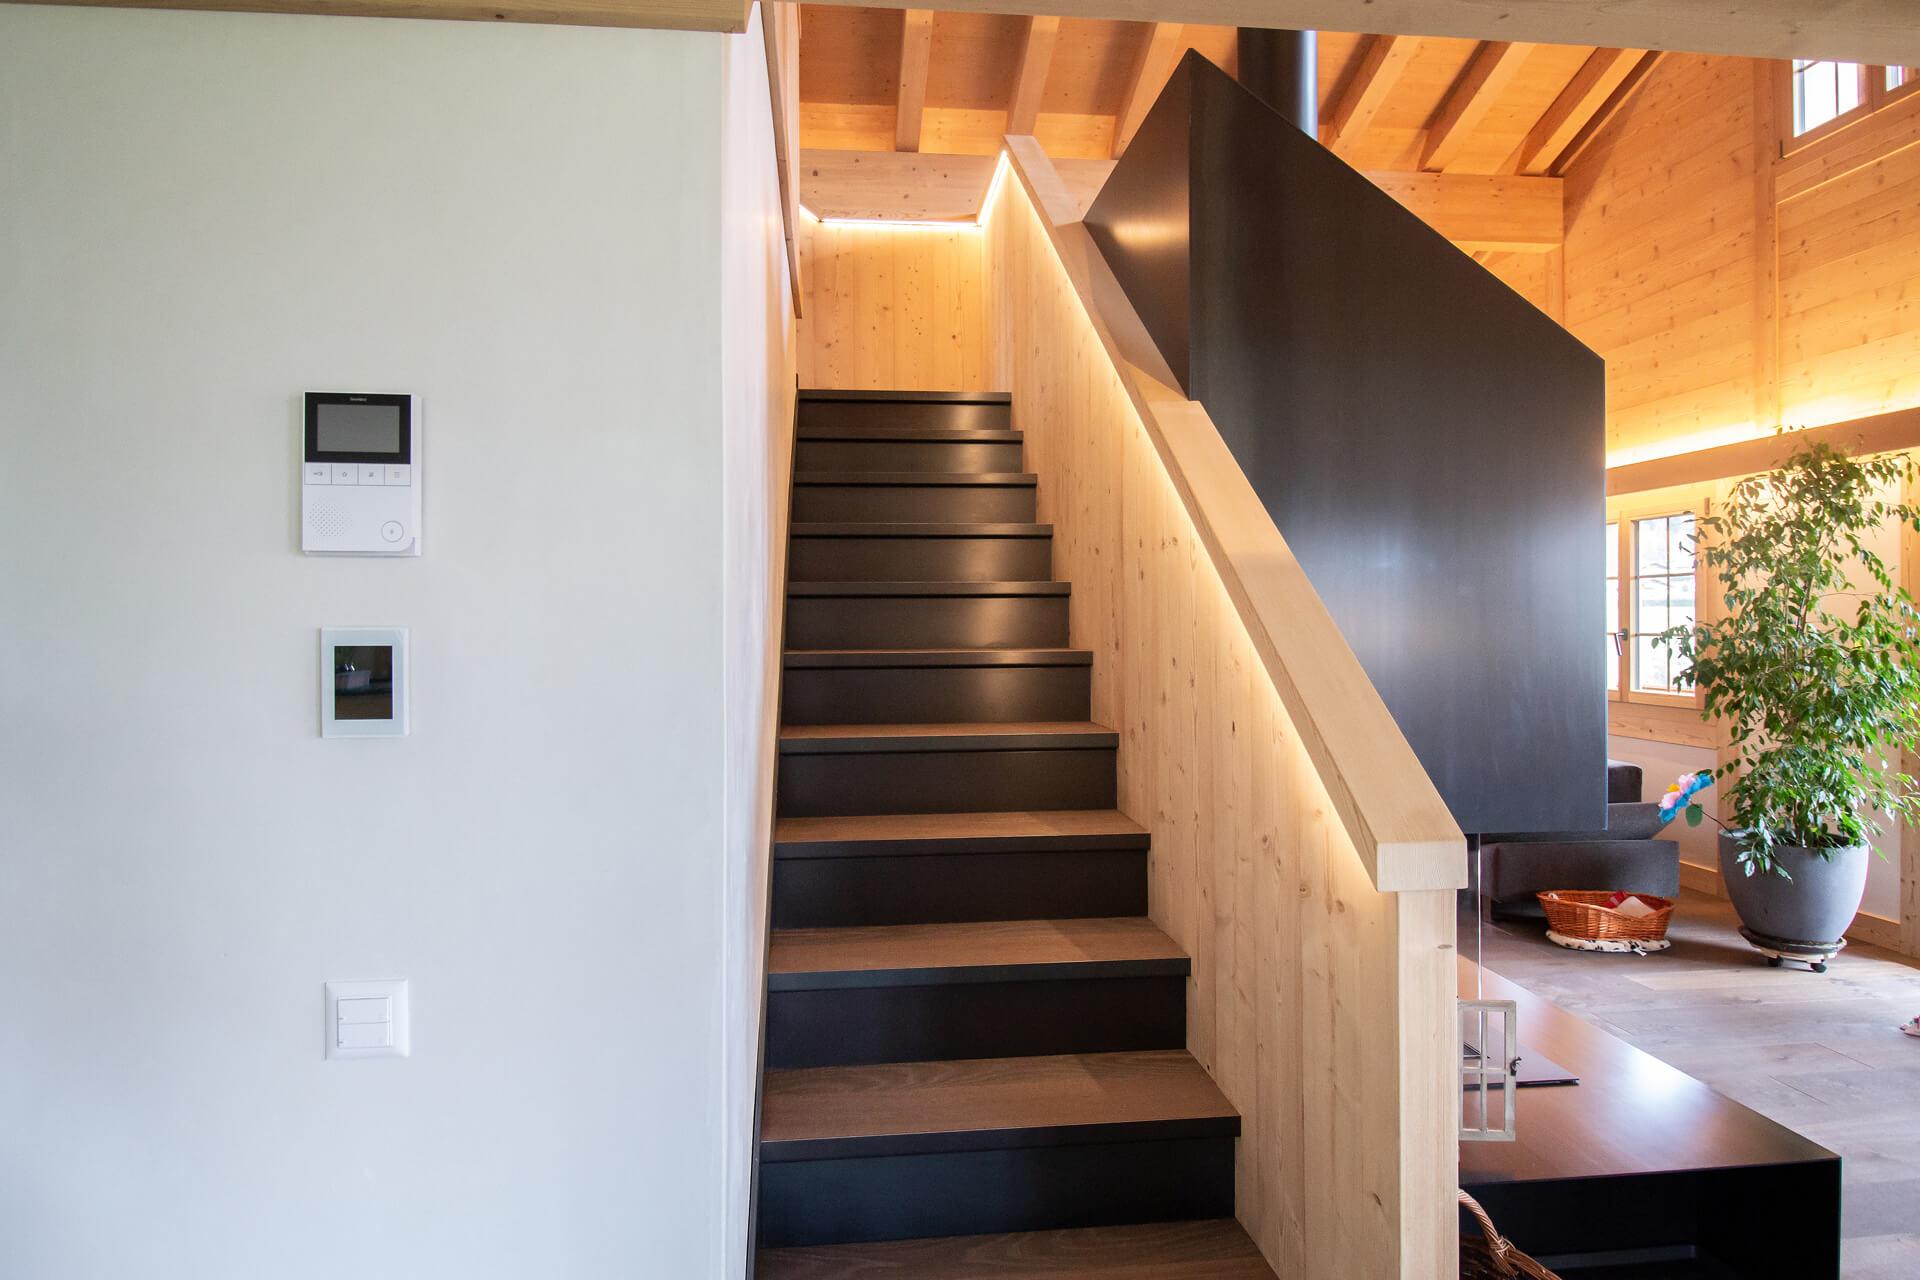 https://fsw-kreatektur.ch/wp-content/uploads/Fsw-Kreatektur-Architektur-Neubau-Schoenried-Treppe-tiny-1.jpg